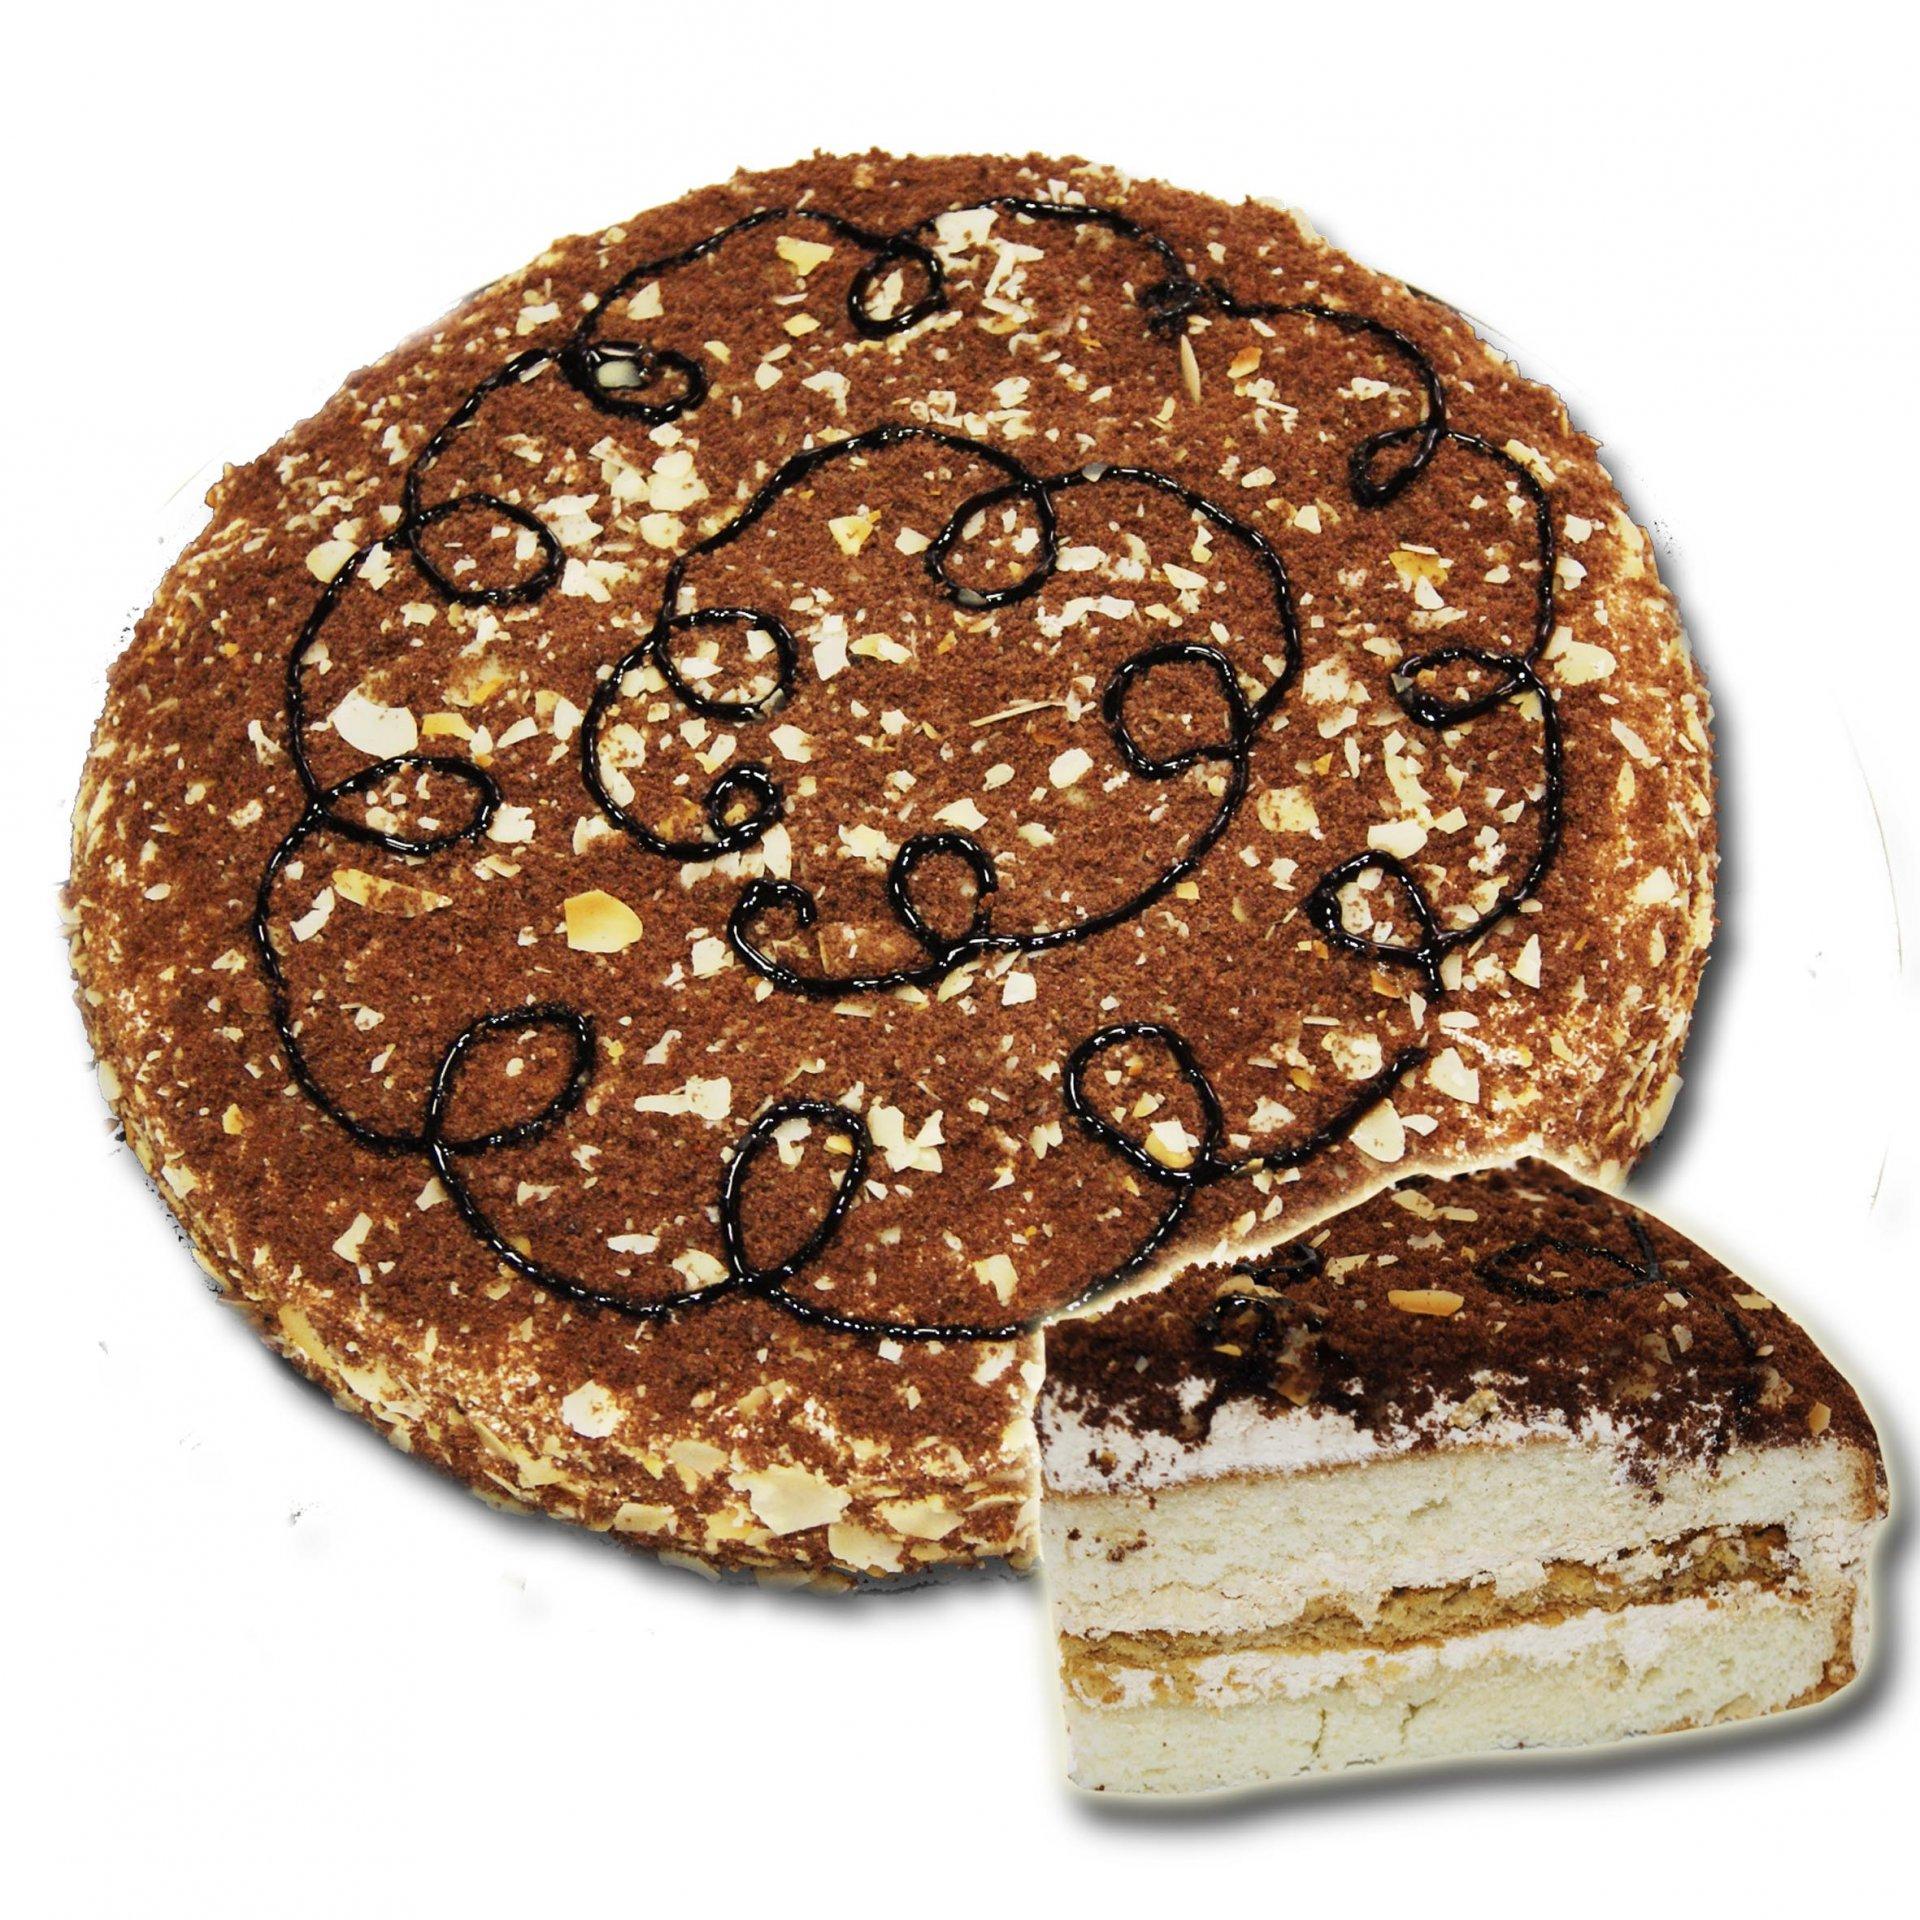 Песочный пирог рецепт с фото пошагово в домашних условиях 104